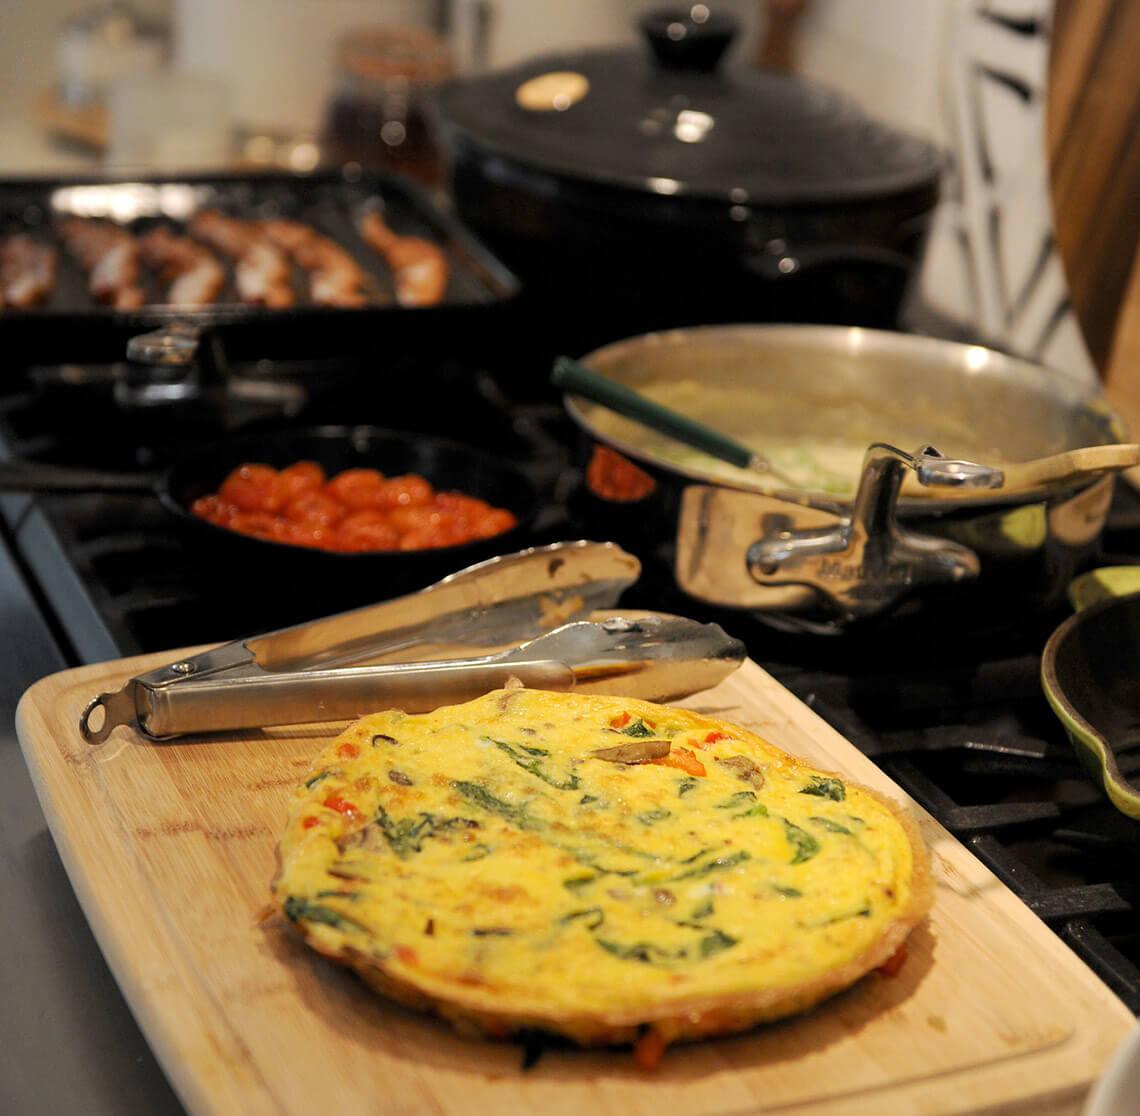 Breakfast being prepared in the kitchen